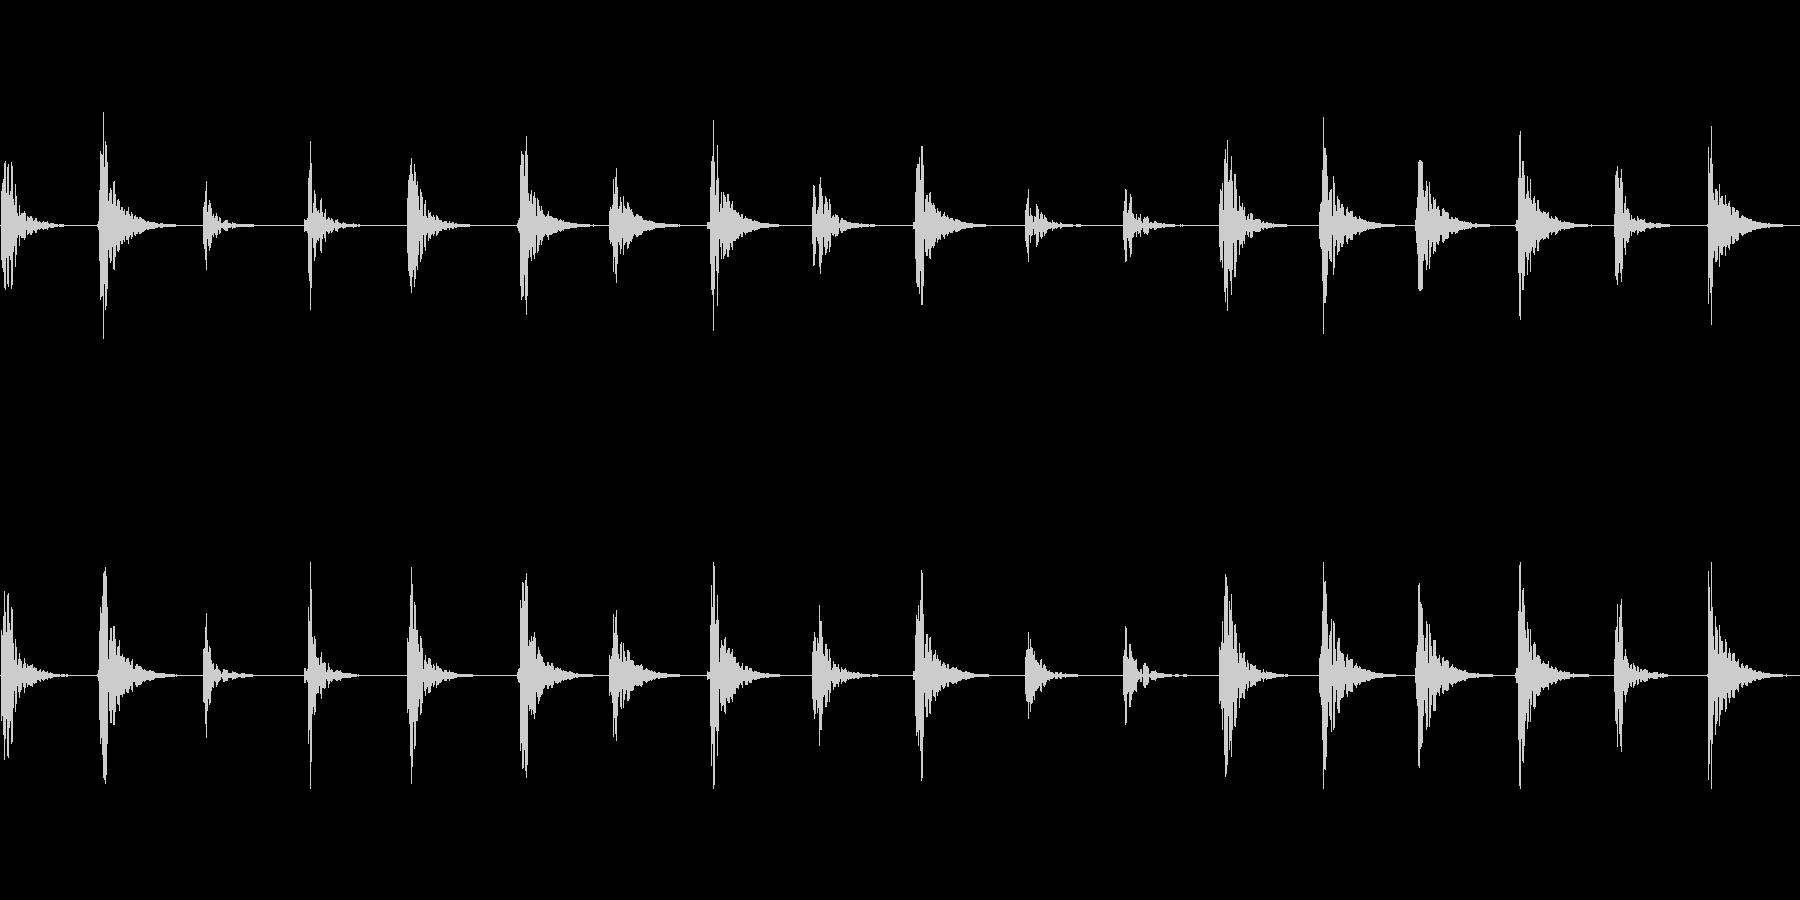 【足音01-1L】の未再生の波形